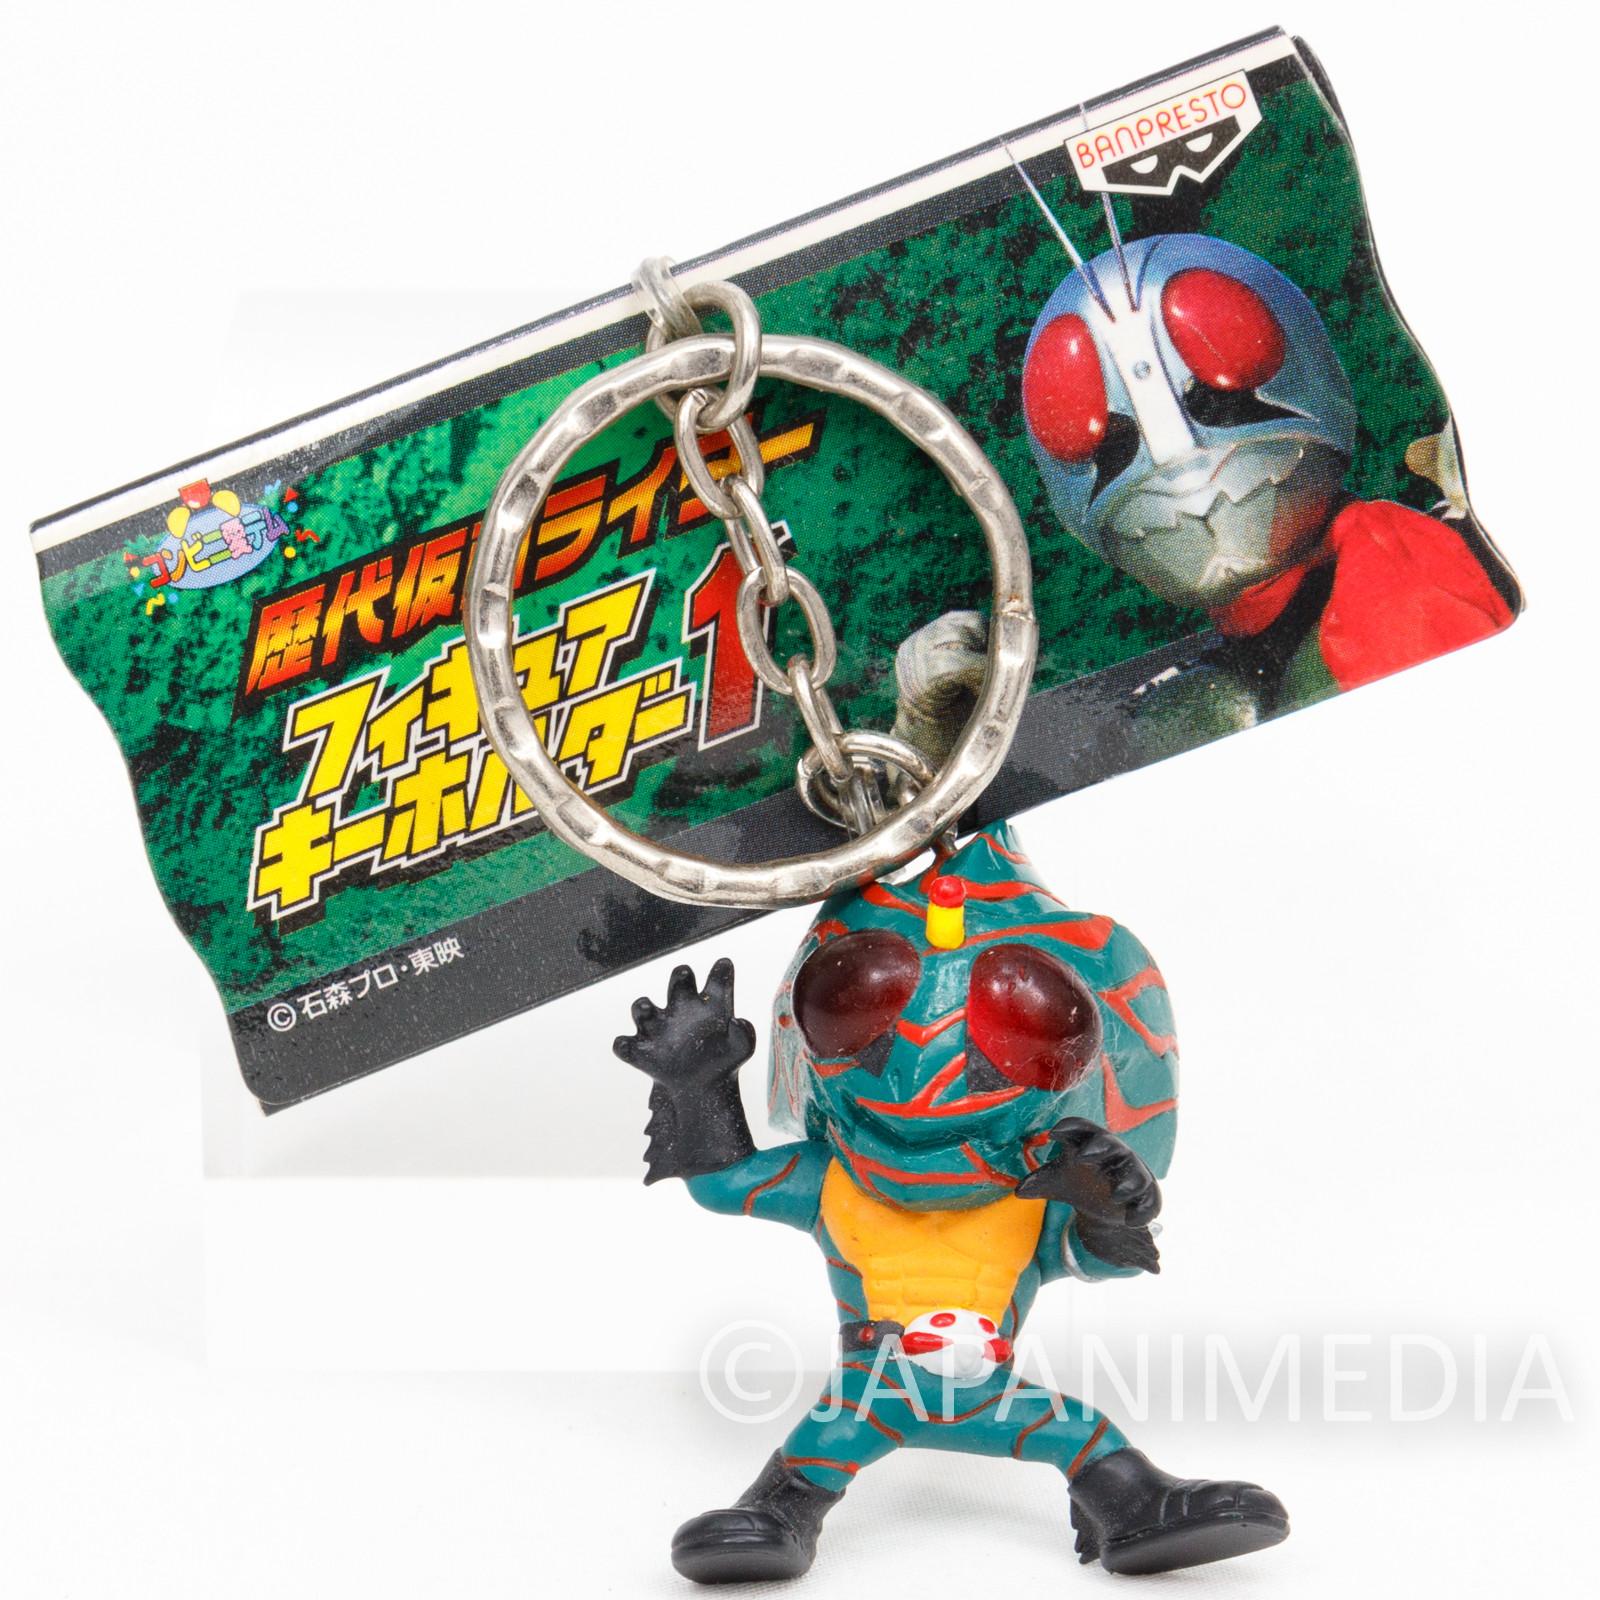 Kamen Maked Rider Amazon Figure Keychain JAPAN ANIME TOKUSATSU